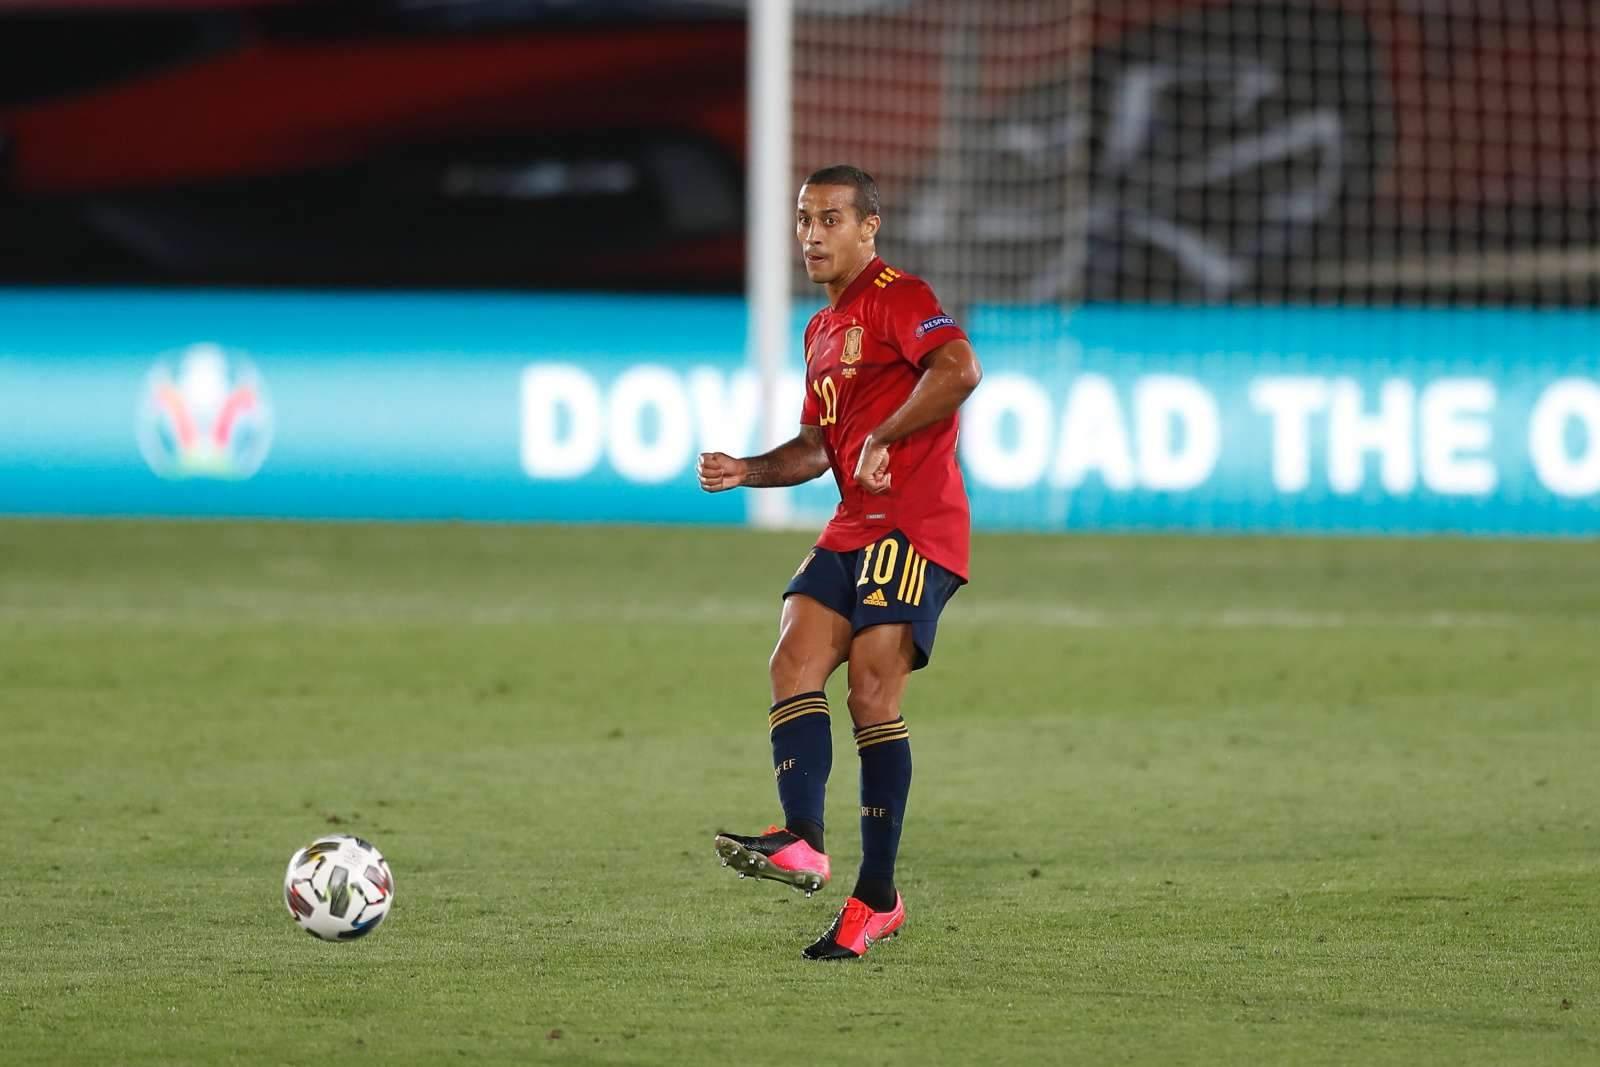 Тьяго посвятил дебютный гол за «Ливерпуль» запасным игрокам